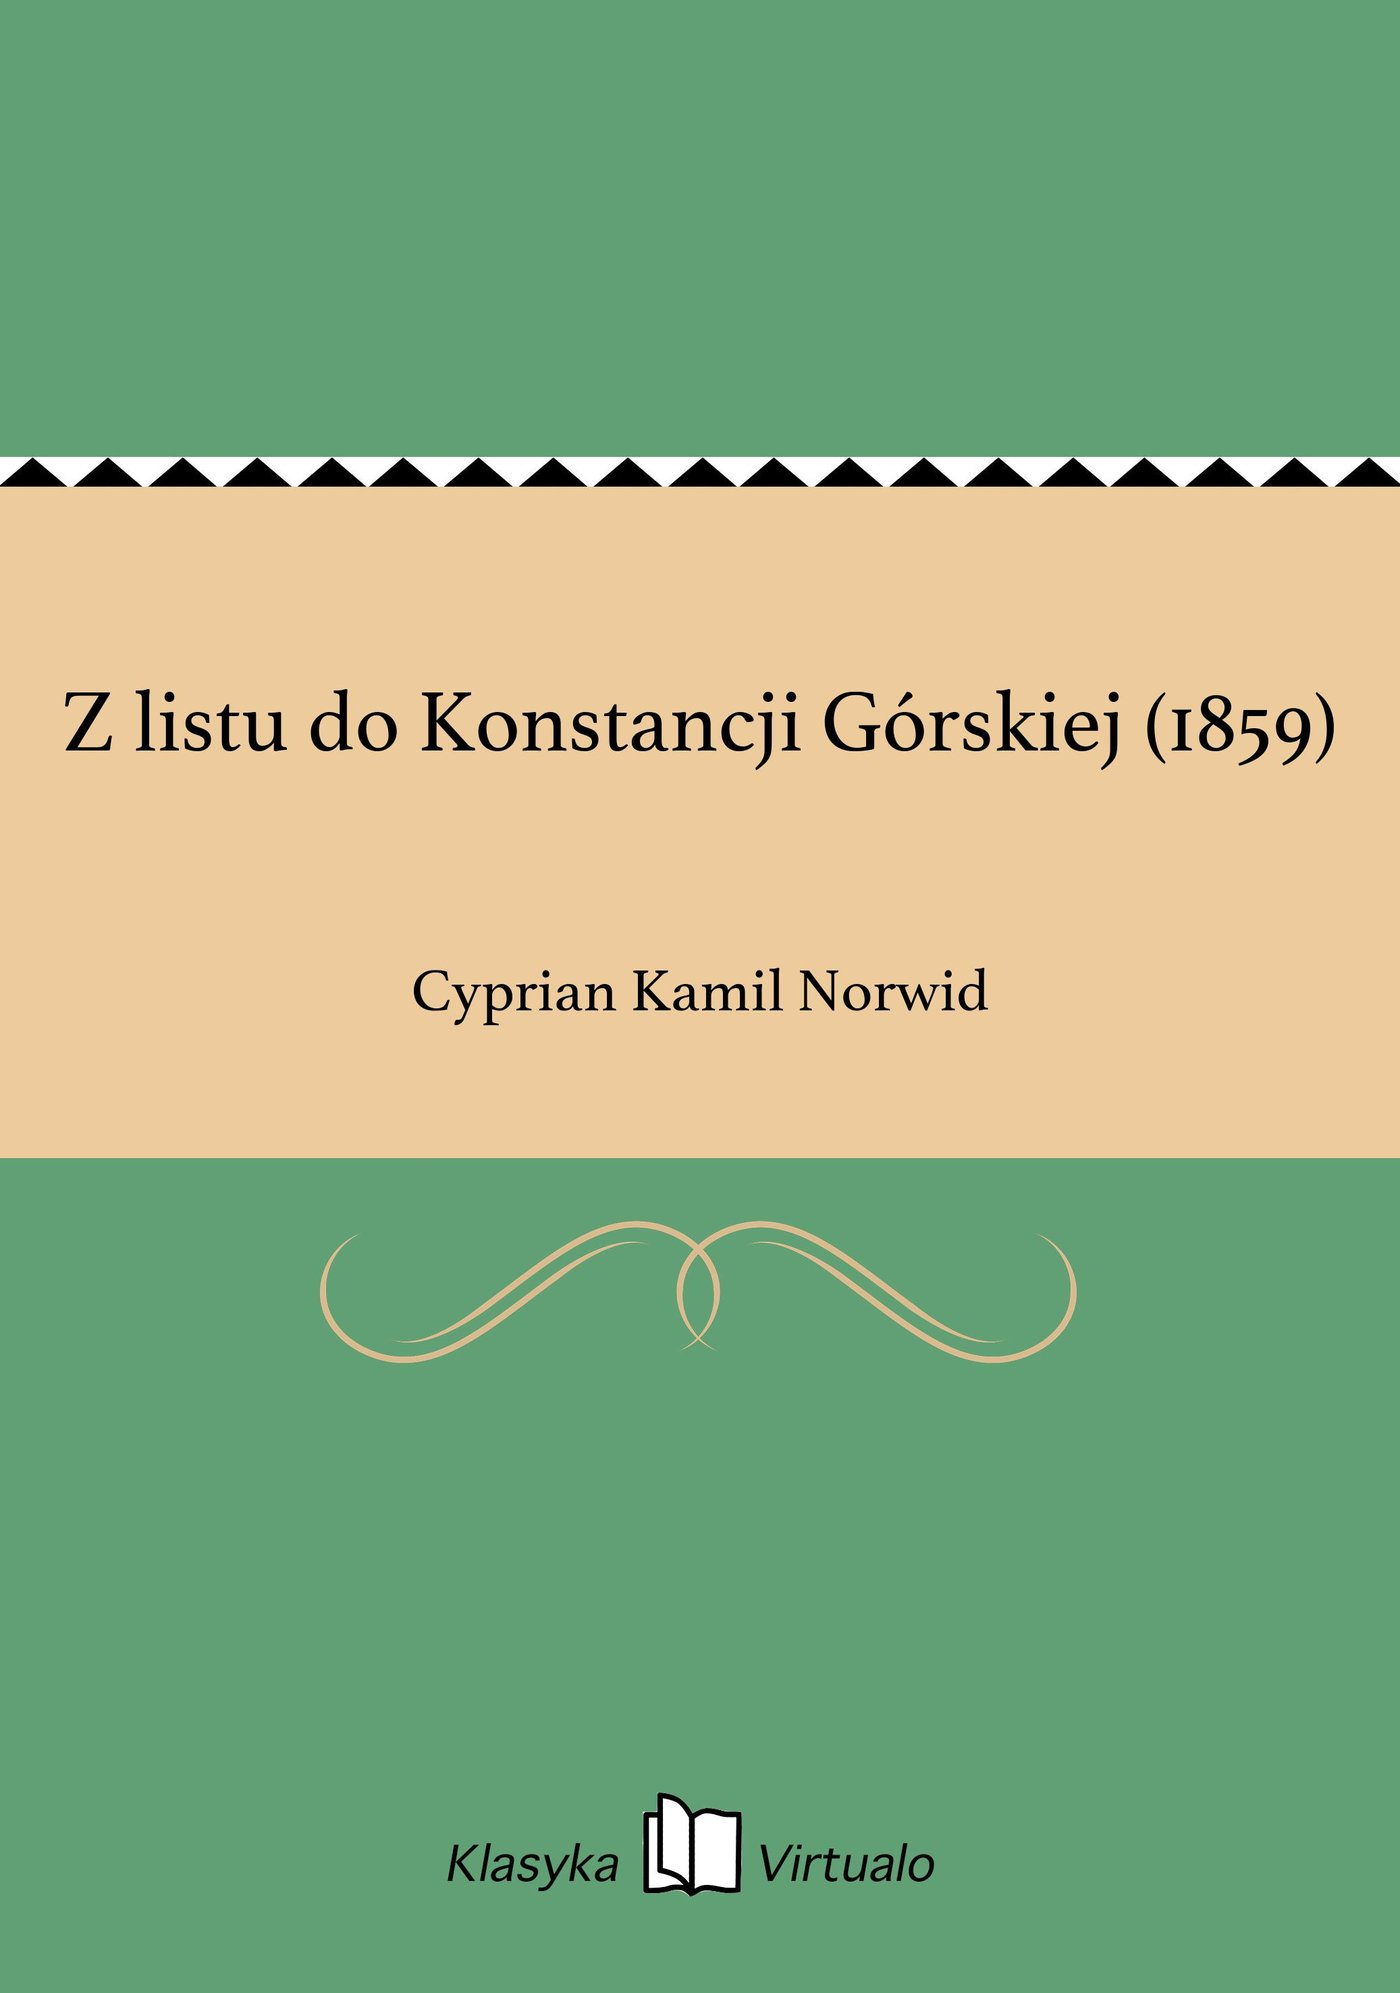 Z listu do Konstancji Górskiej (1859) - Ebook (Książka EPUB) do pobrania w formacie EPUB